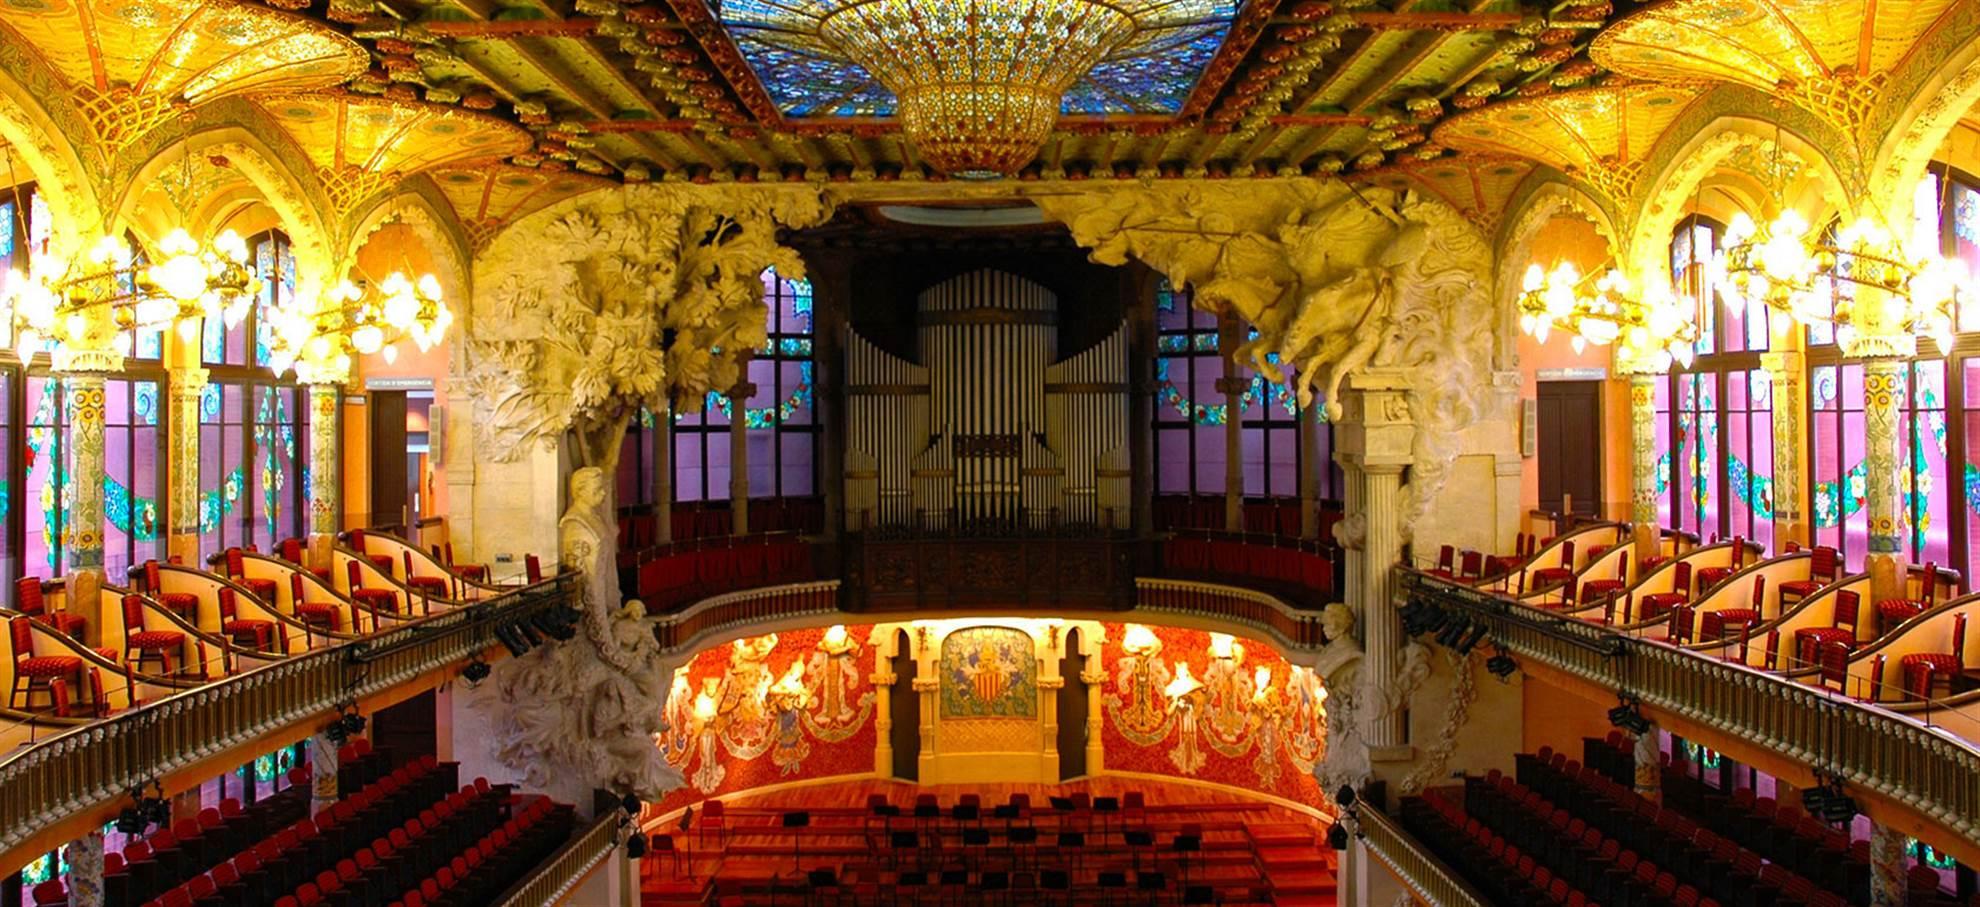 Pałac Muzyki Katalońskiej